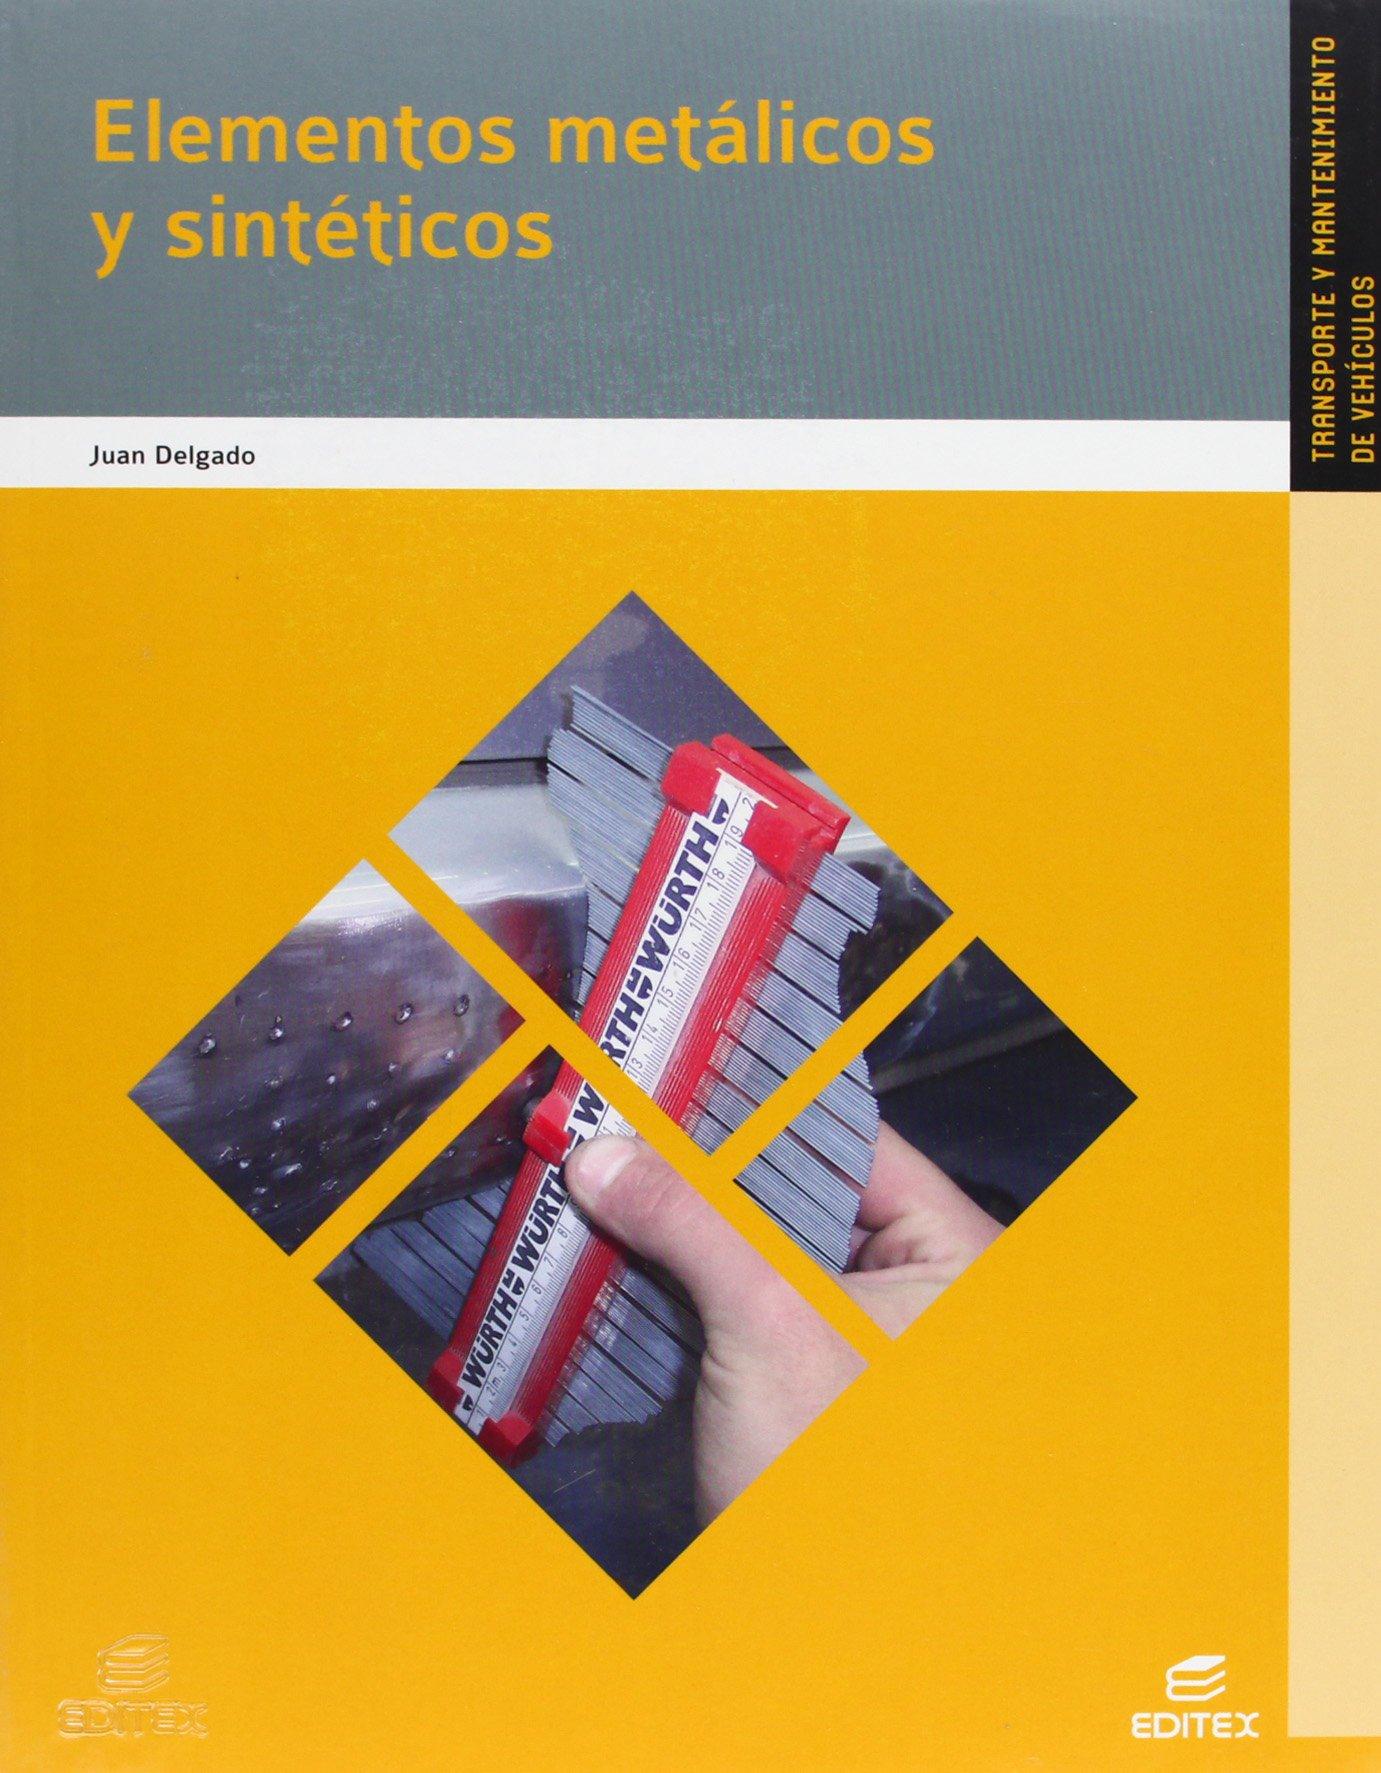 Elementos metálicos y sintéticos (Ciclos Formativos) Tapa blanda – 1 abr 2013 Juan Delgado Durán Editorial Editex 8490037965 Formación Profesional